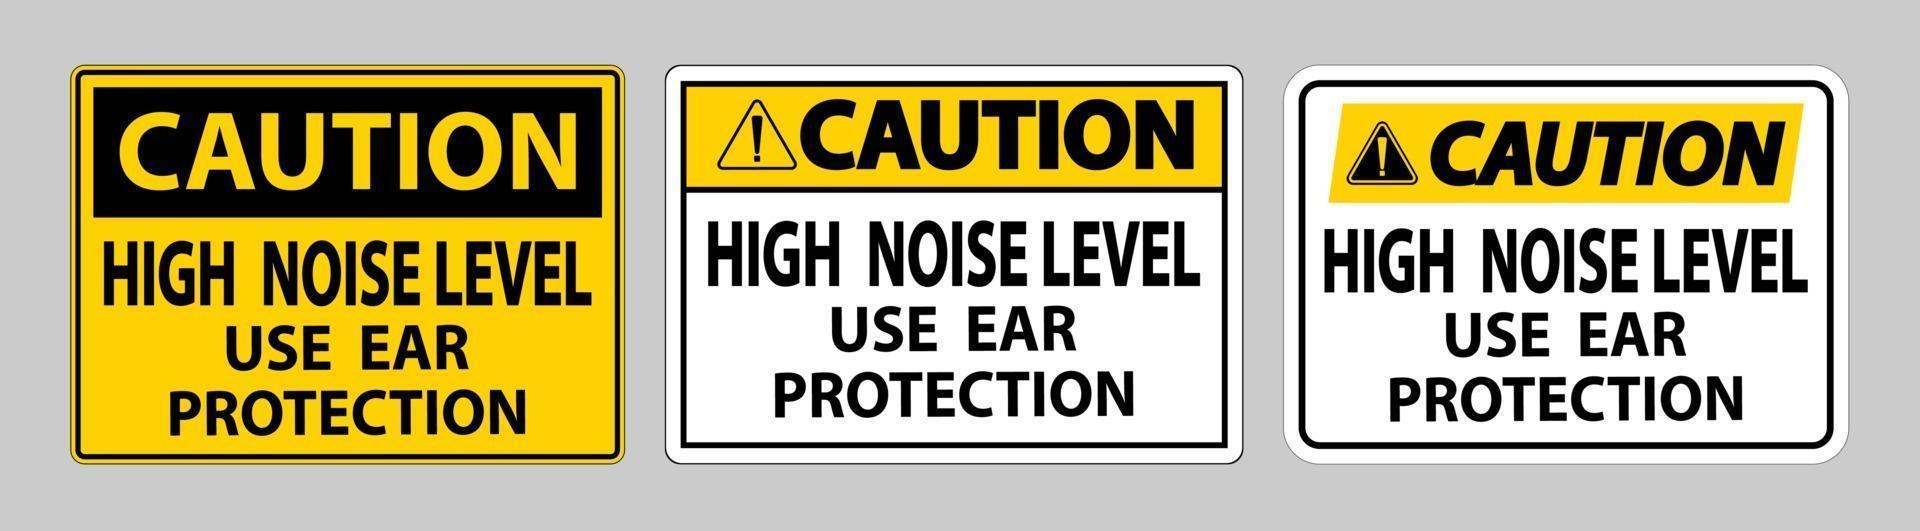 waarschuwingsbord hoog geluidsniveau gebruik gehoorbeschermingsbordenset vector